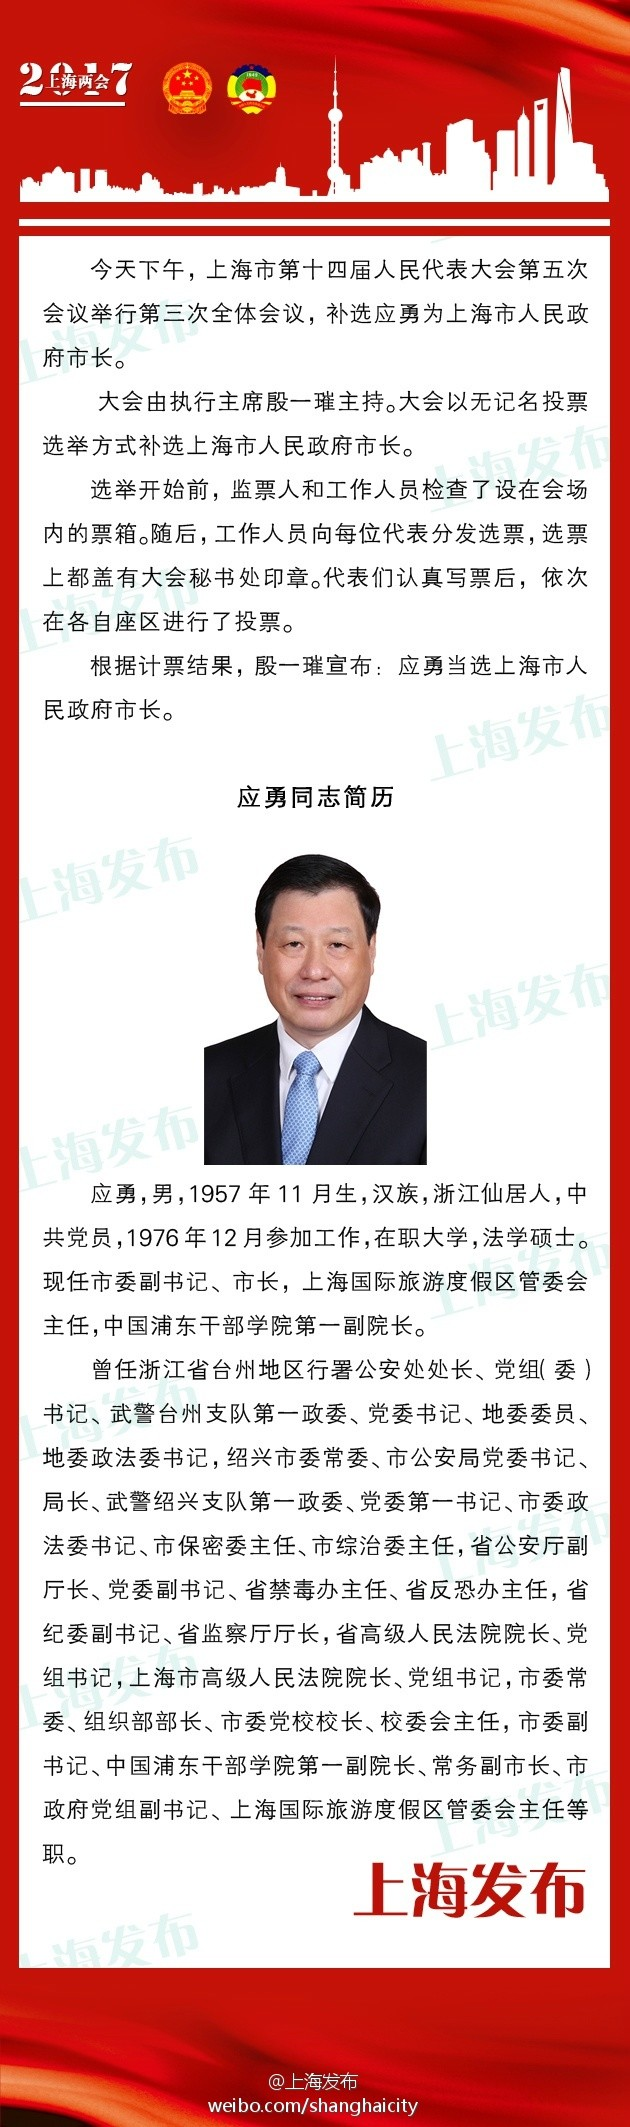 应勇当选上海市人民政府市长